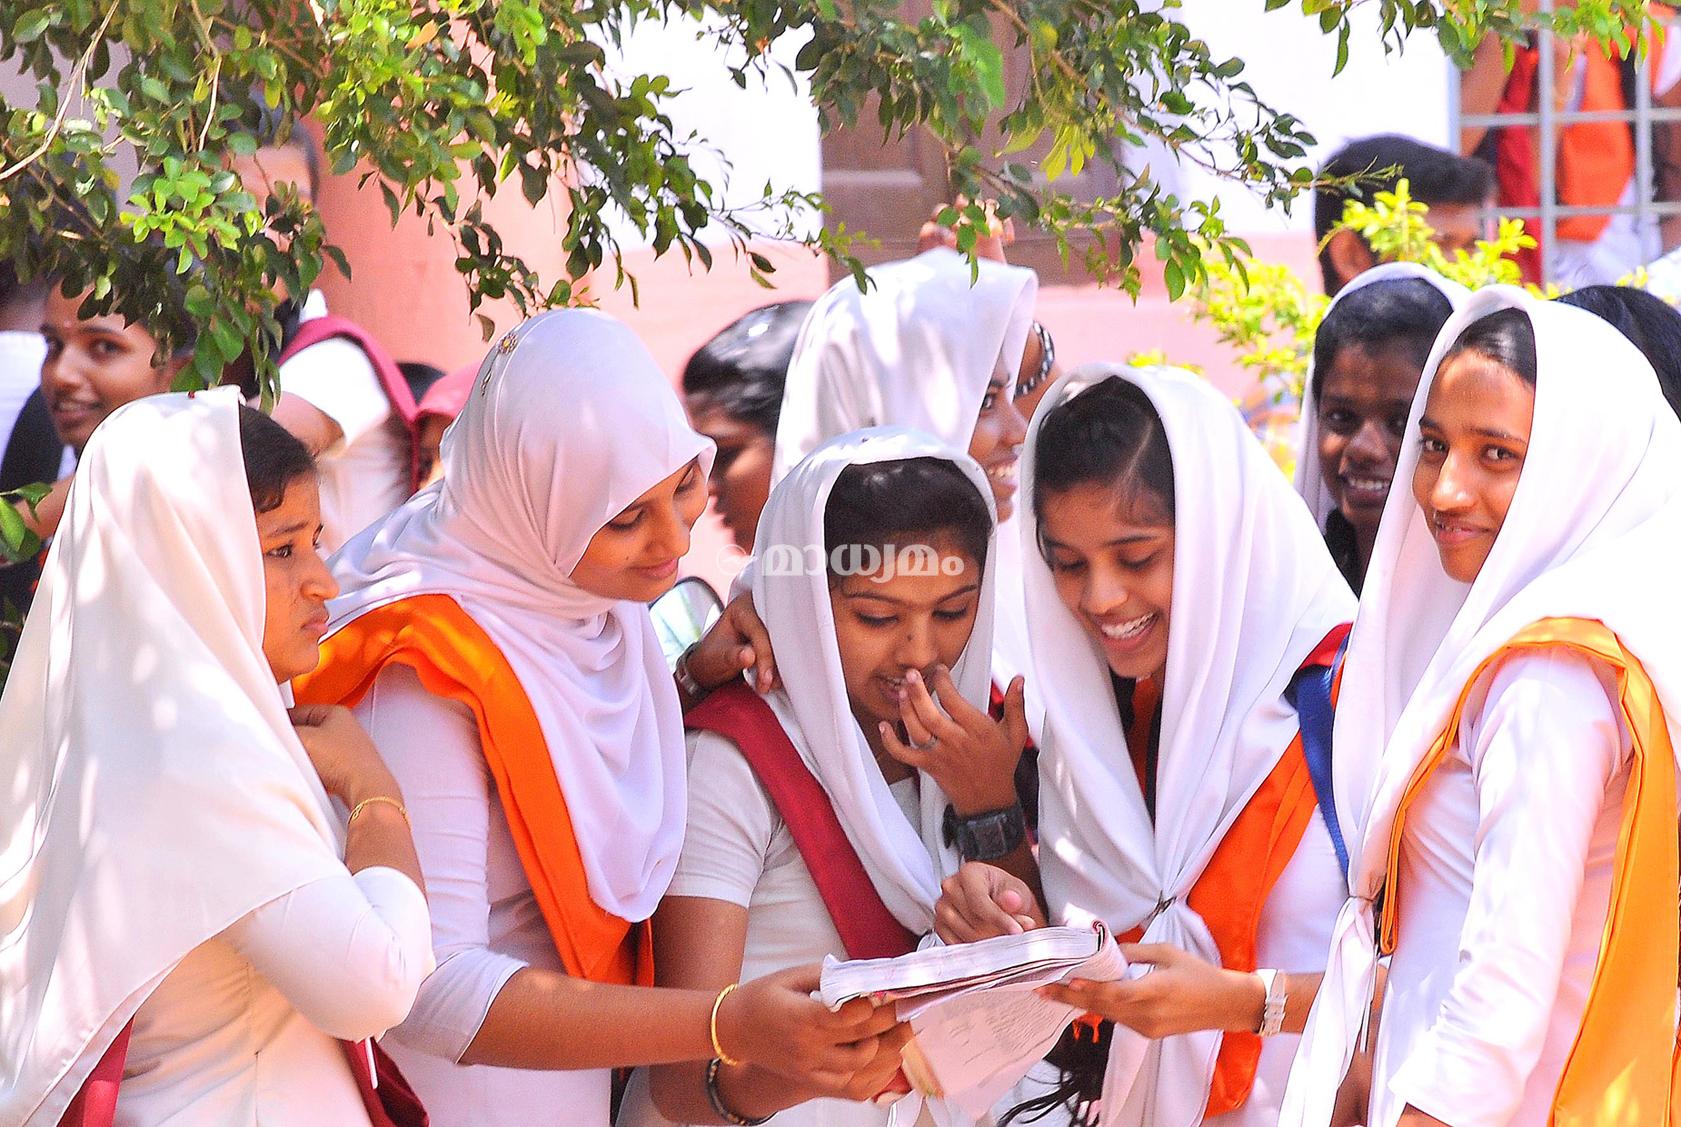 പ്ലസ് വൺ: വിദ്യാർഥികളില്ല, മറ്റു ജില്ലകളിലെ ഒമ്പത് ബാച്ചുകൾ മലപ്പുറത്തേക്ക് മാറ്റി